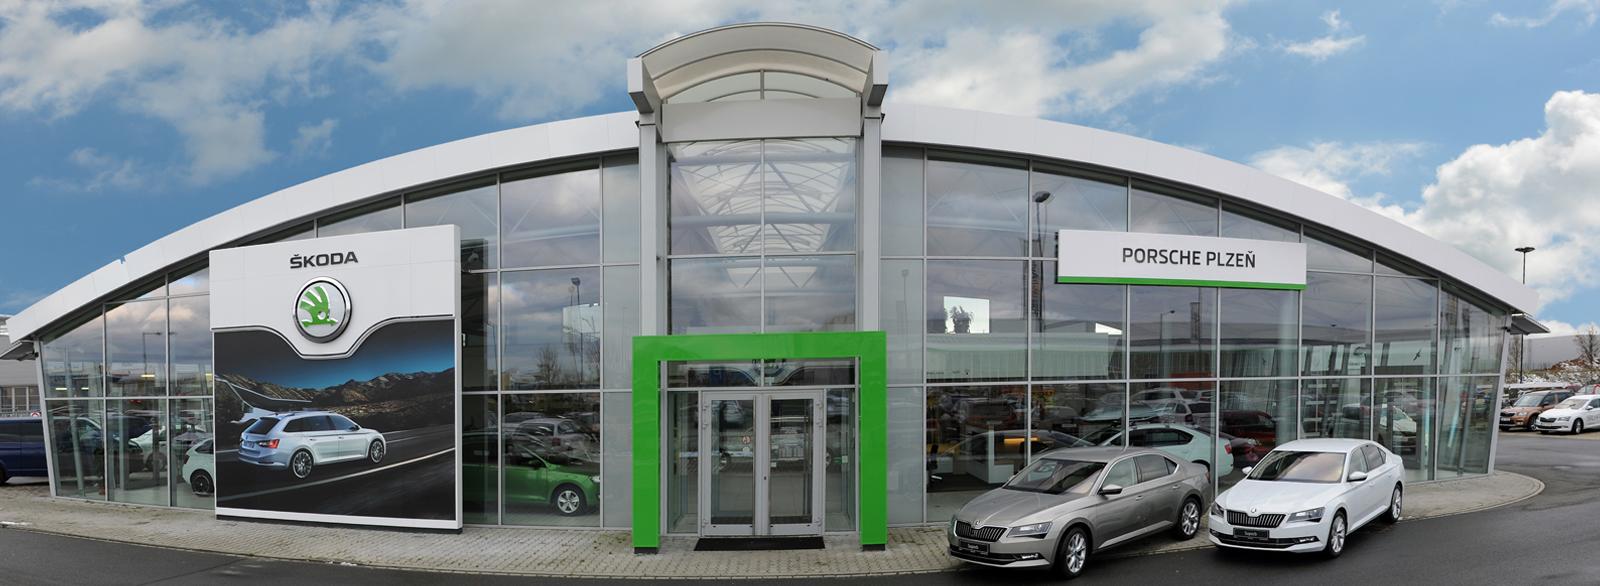 Prodej i servis voz� Volkswagen, Audi a �koda v Plzni